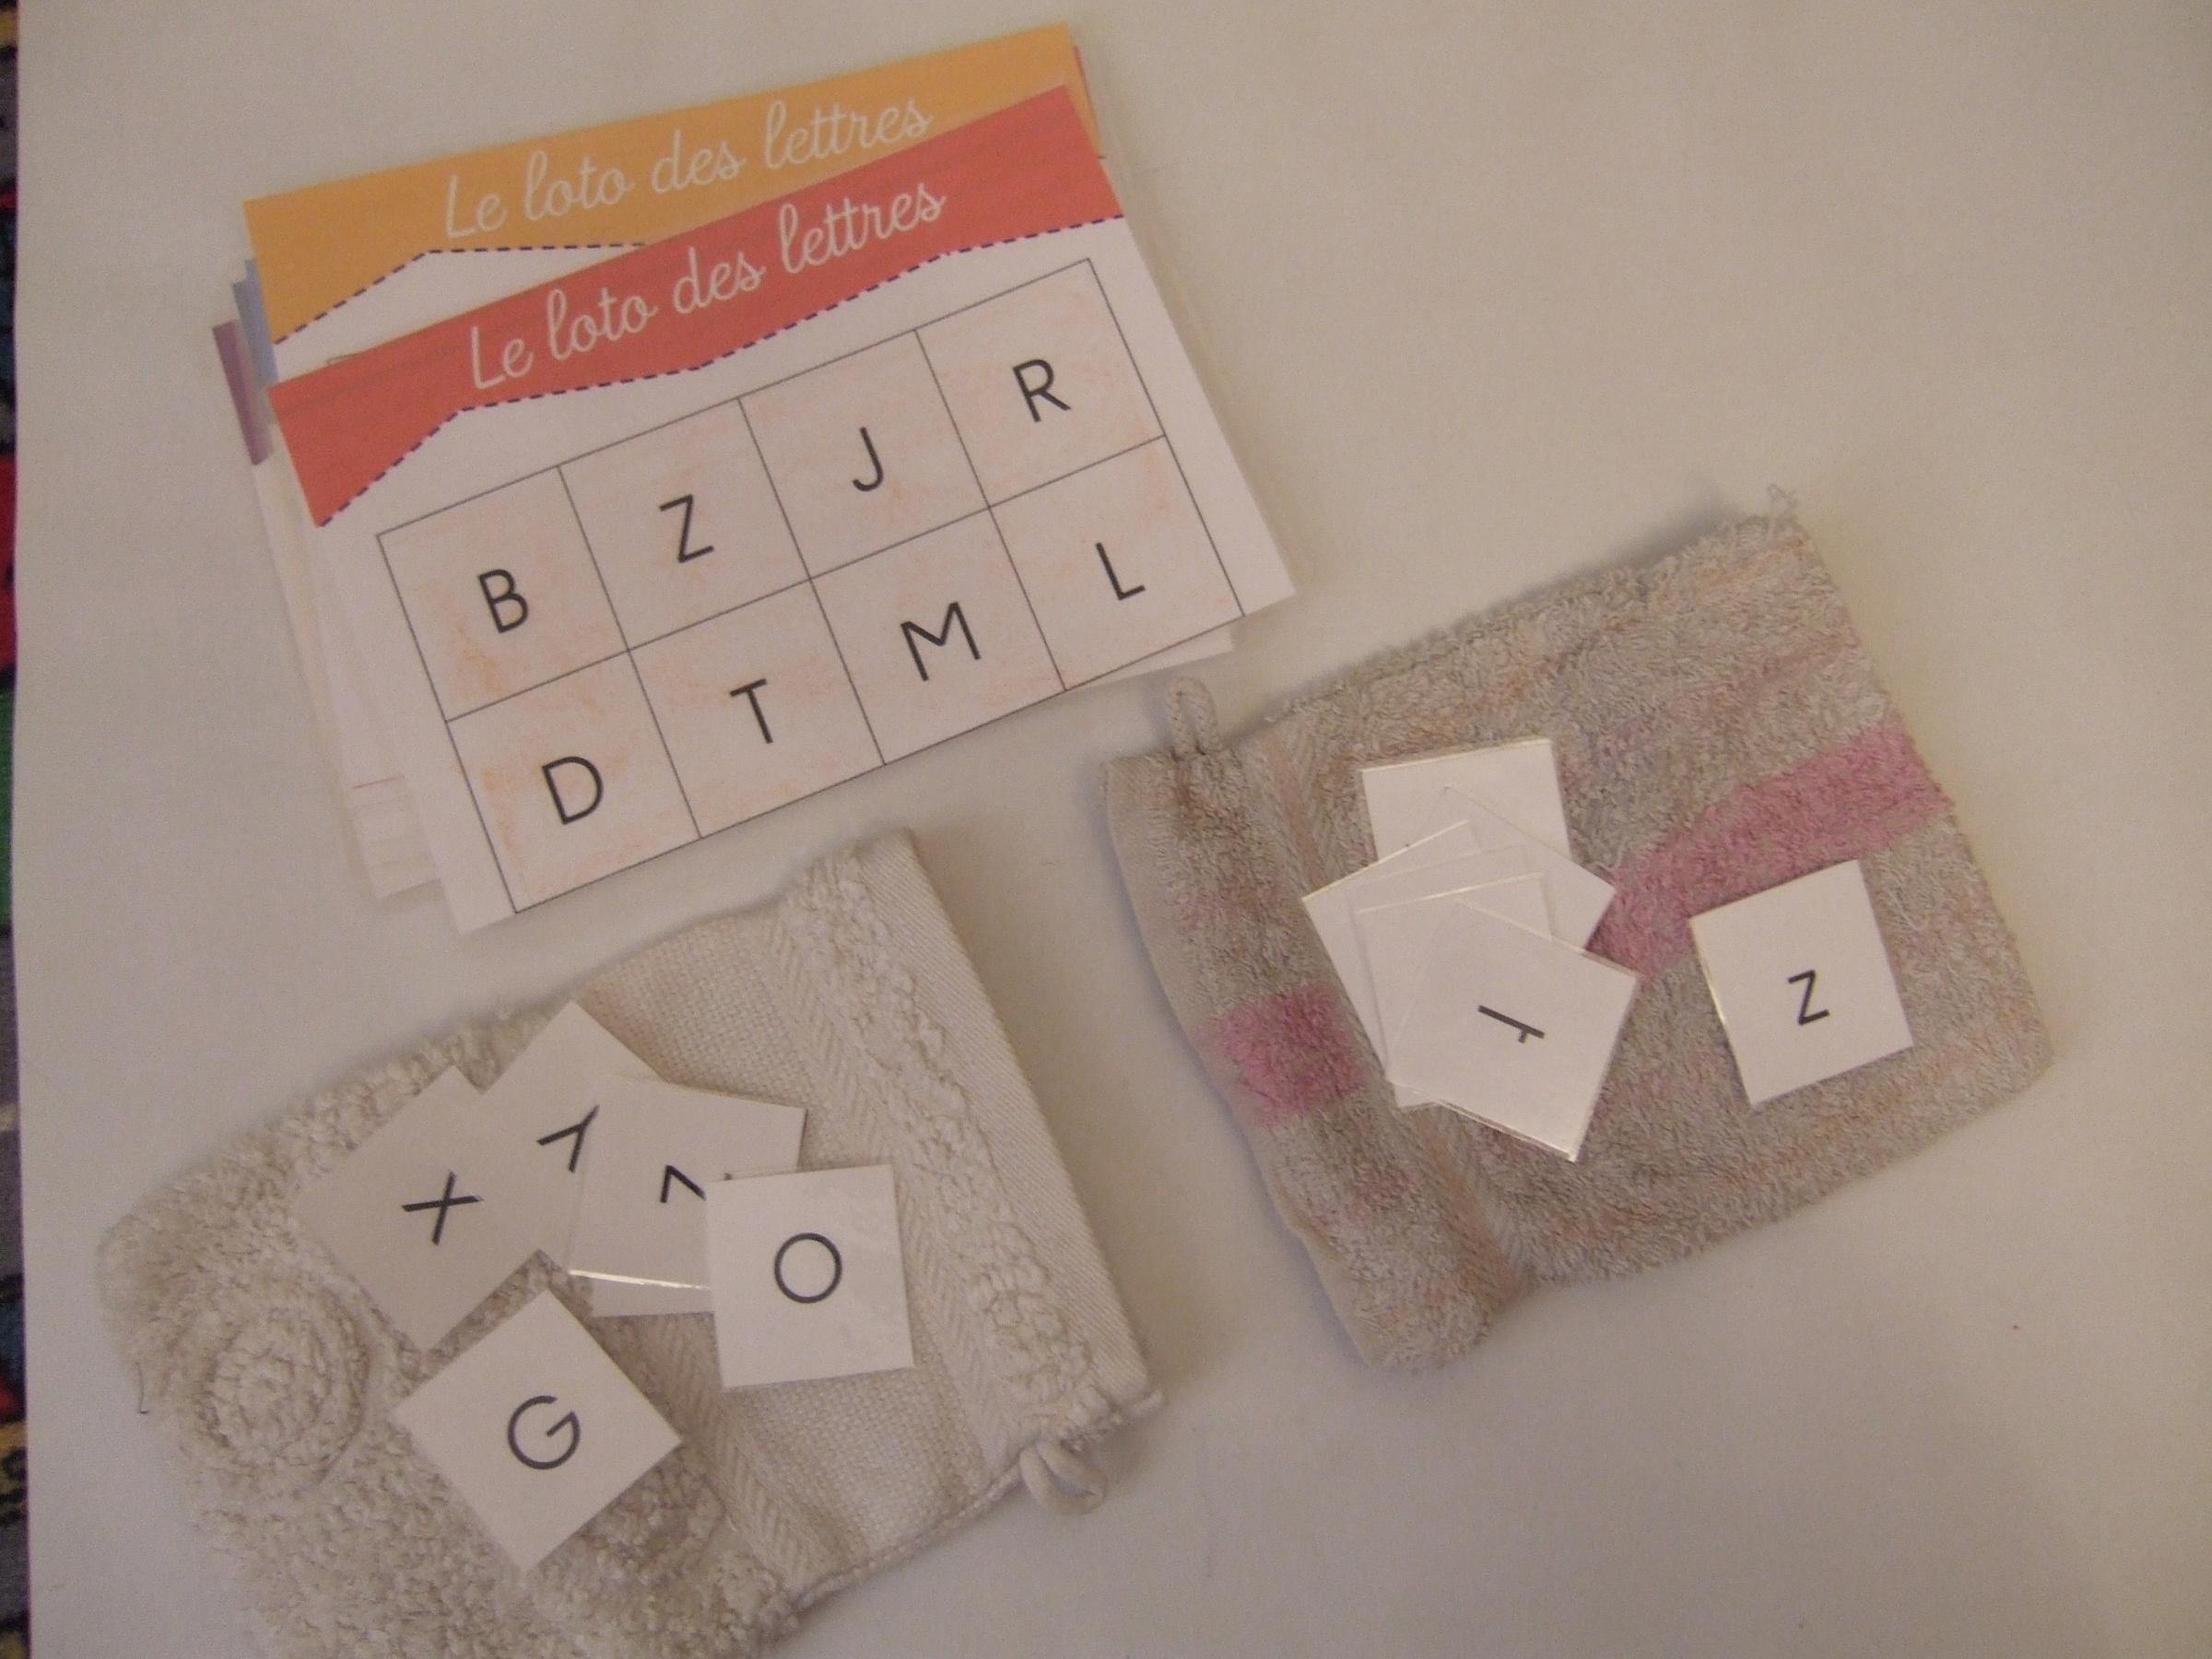 Loto Des Lettres - Donne-Moi Ta Main encequiconcerne Sudoku Lettres À Imprimer